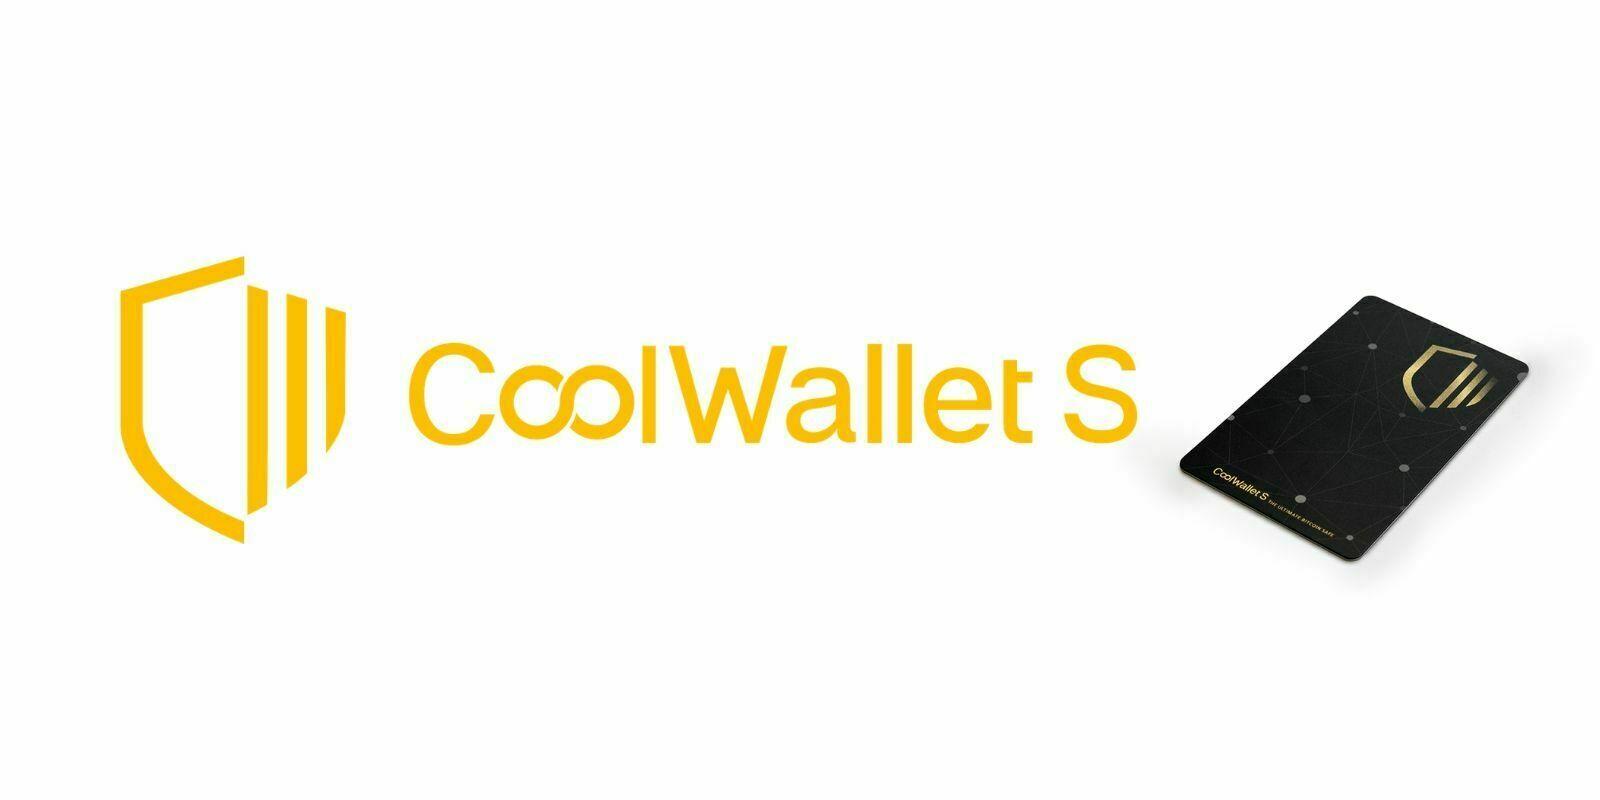 Le portefeuille CoolWallet S - Tutoriel et avis